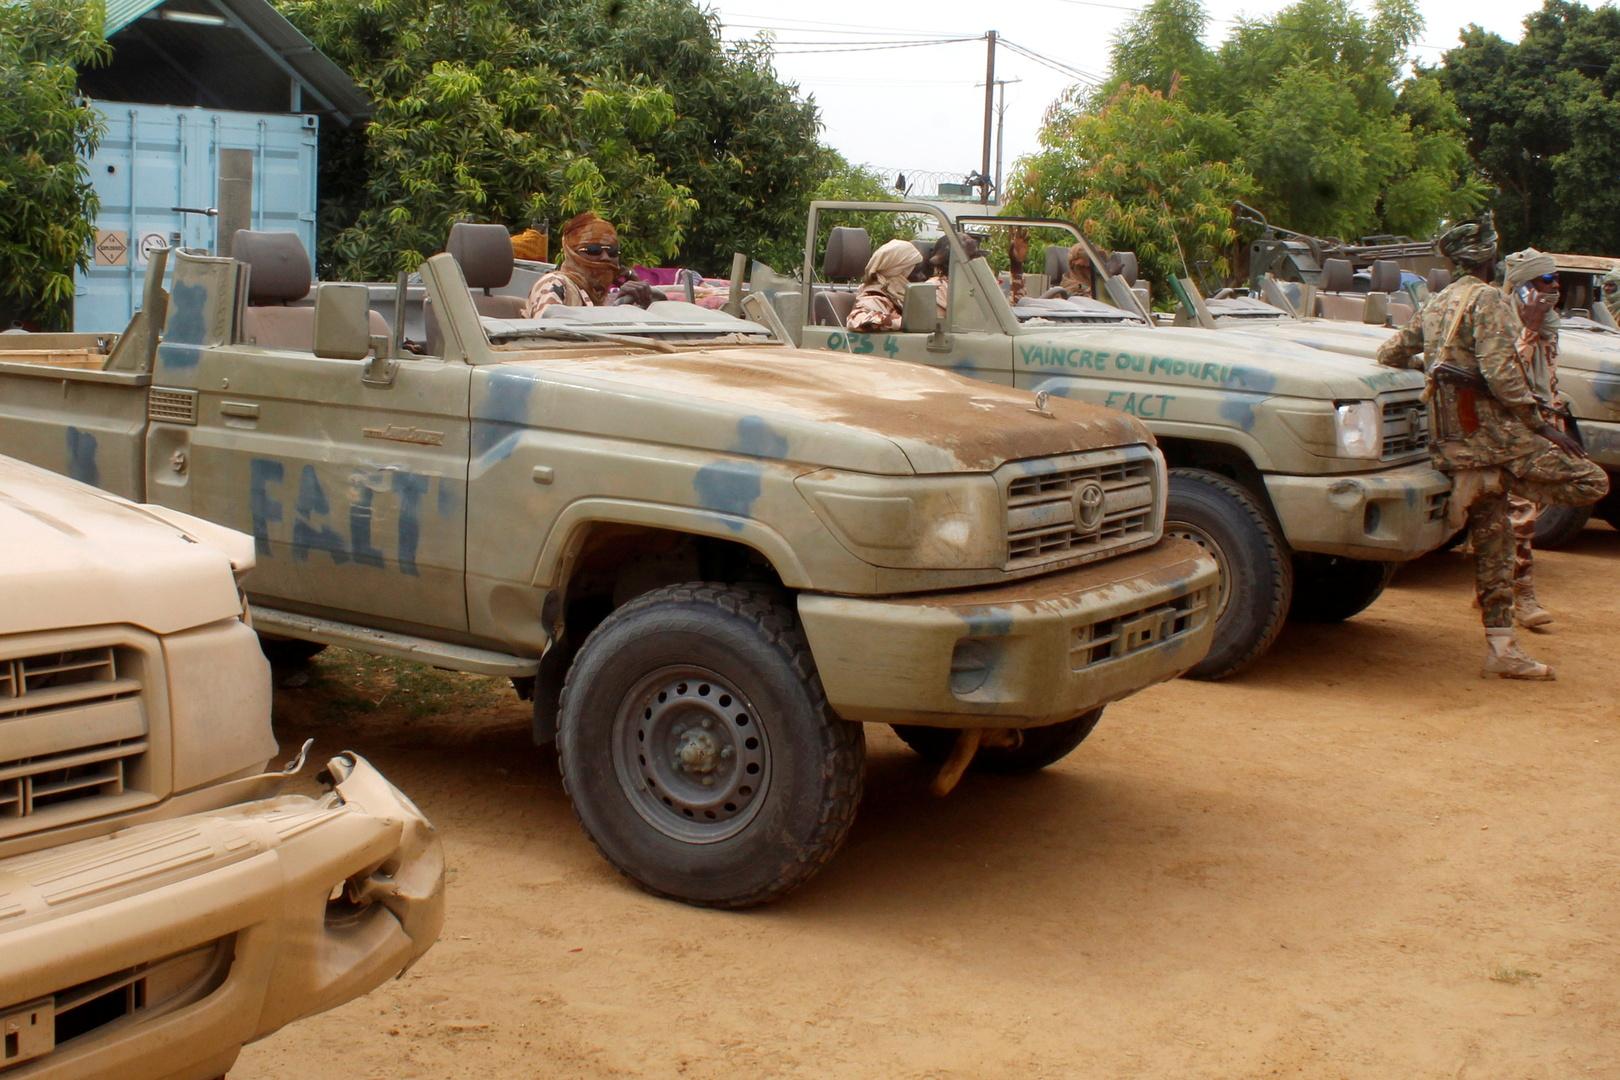 سيارات تم أسرها تابعة لمتمردين من جبهة التغيير في تشاد في نجامينا، تشاد، 9 مايو 2021.